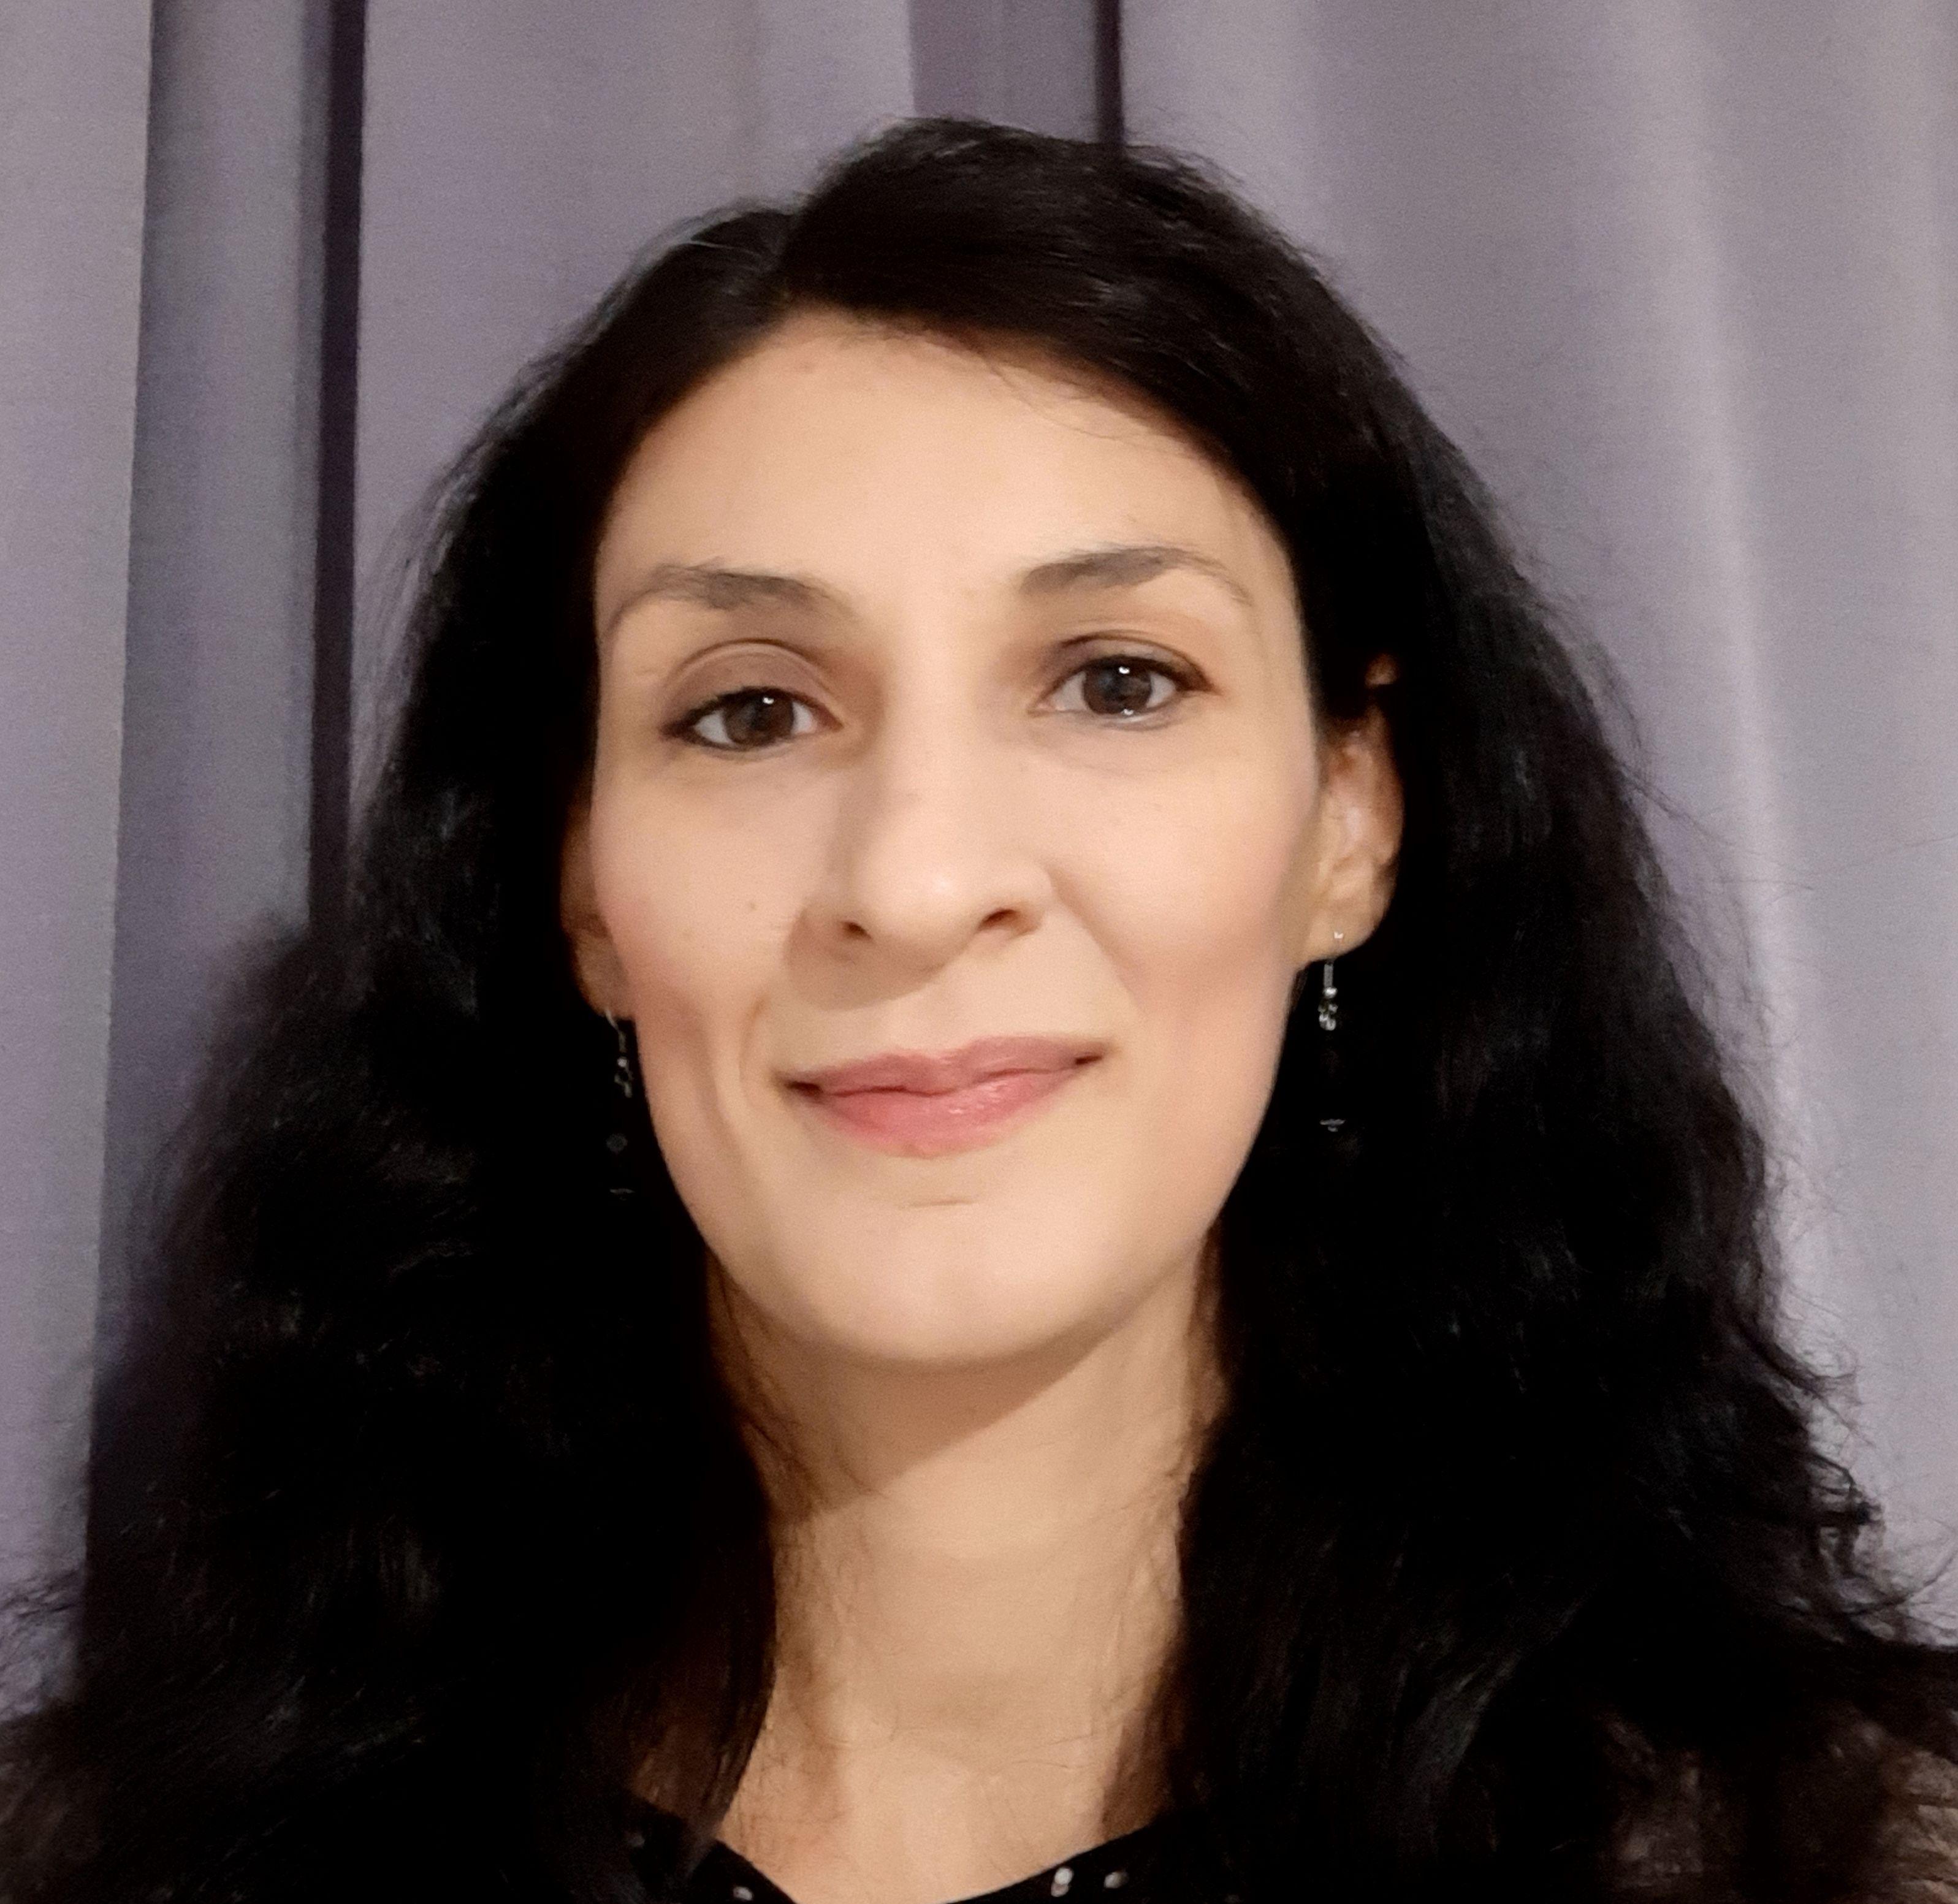 Alina - Liliana Palas